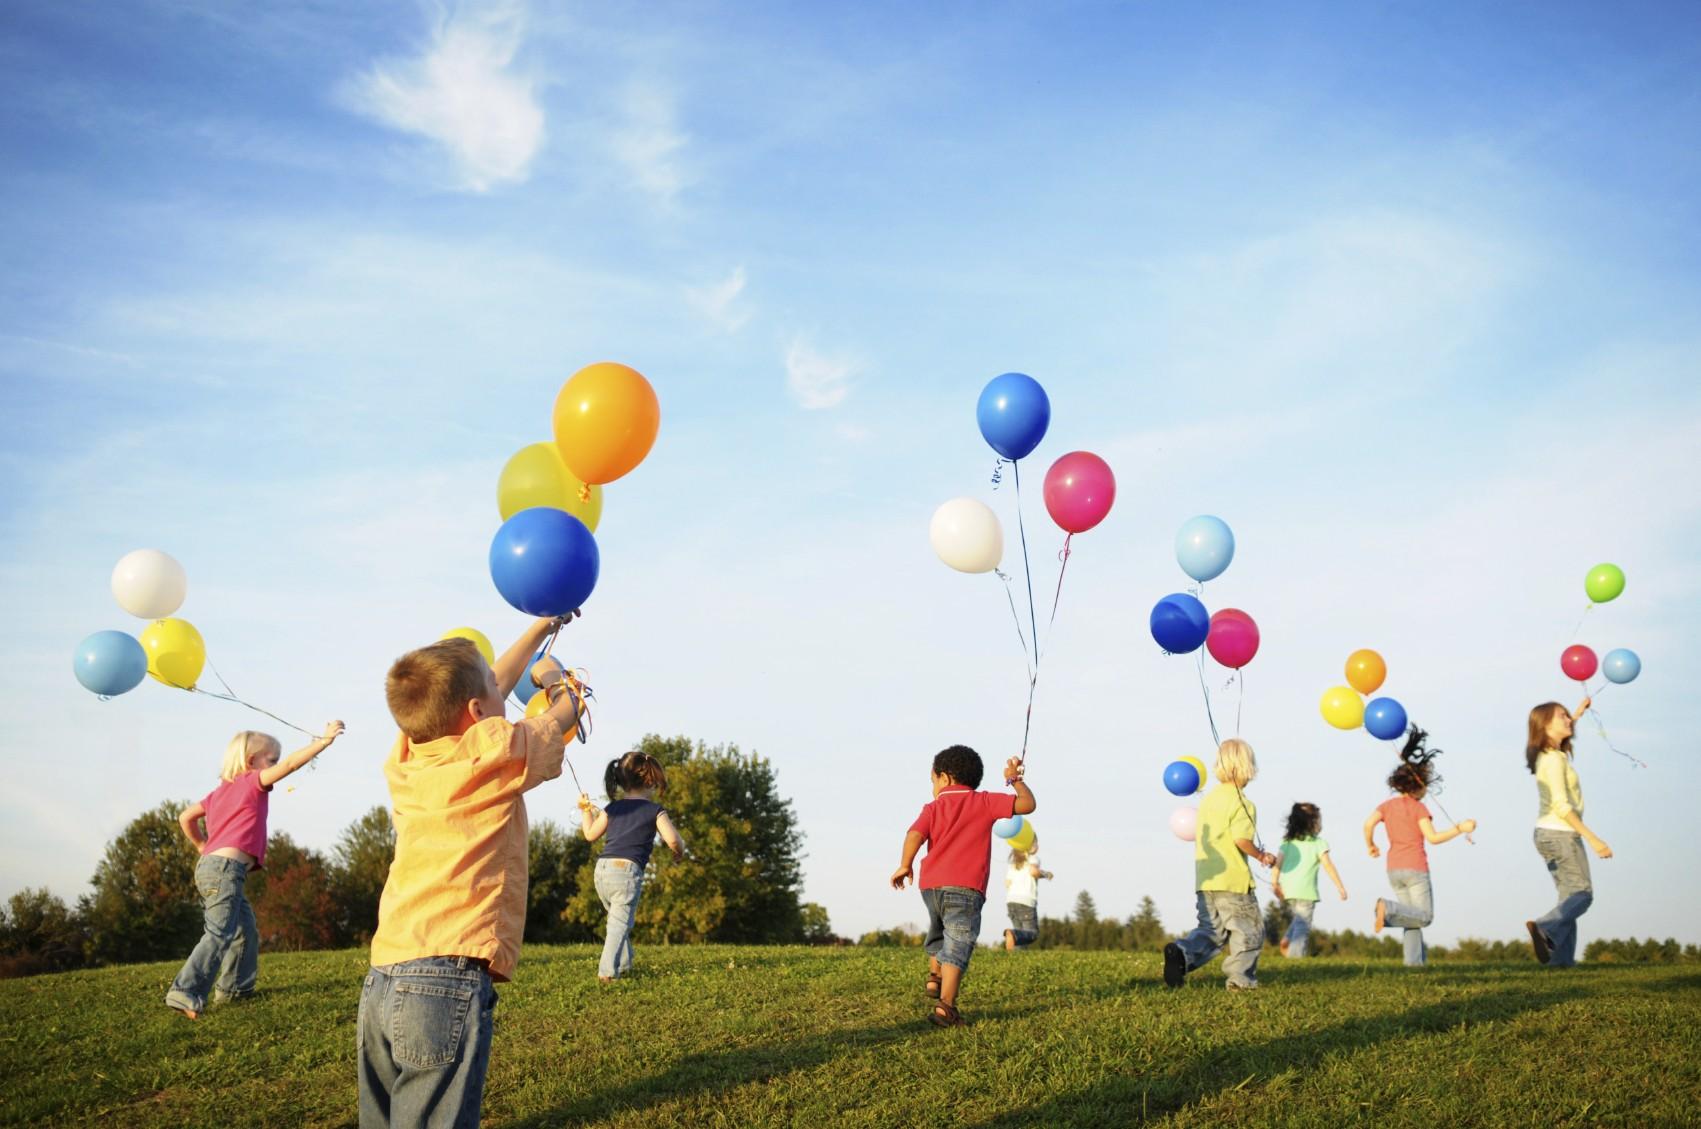 Cosa serve alle nostre citta per liberare gli spazi pubblici dal malaffare e restituirli ai giochi dei bambini? Ecco qui - Fondazione Angelo Affinita